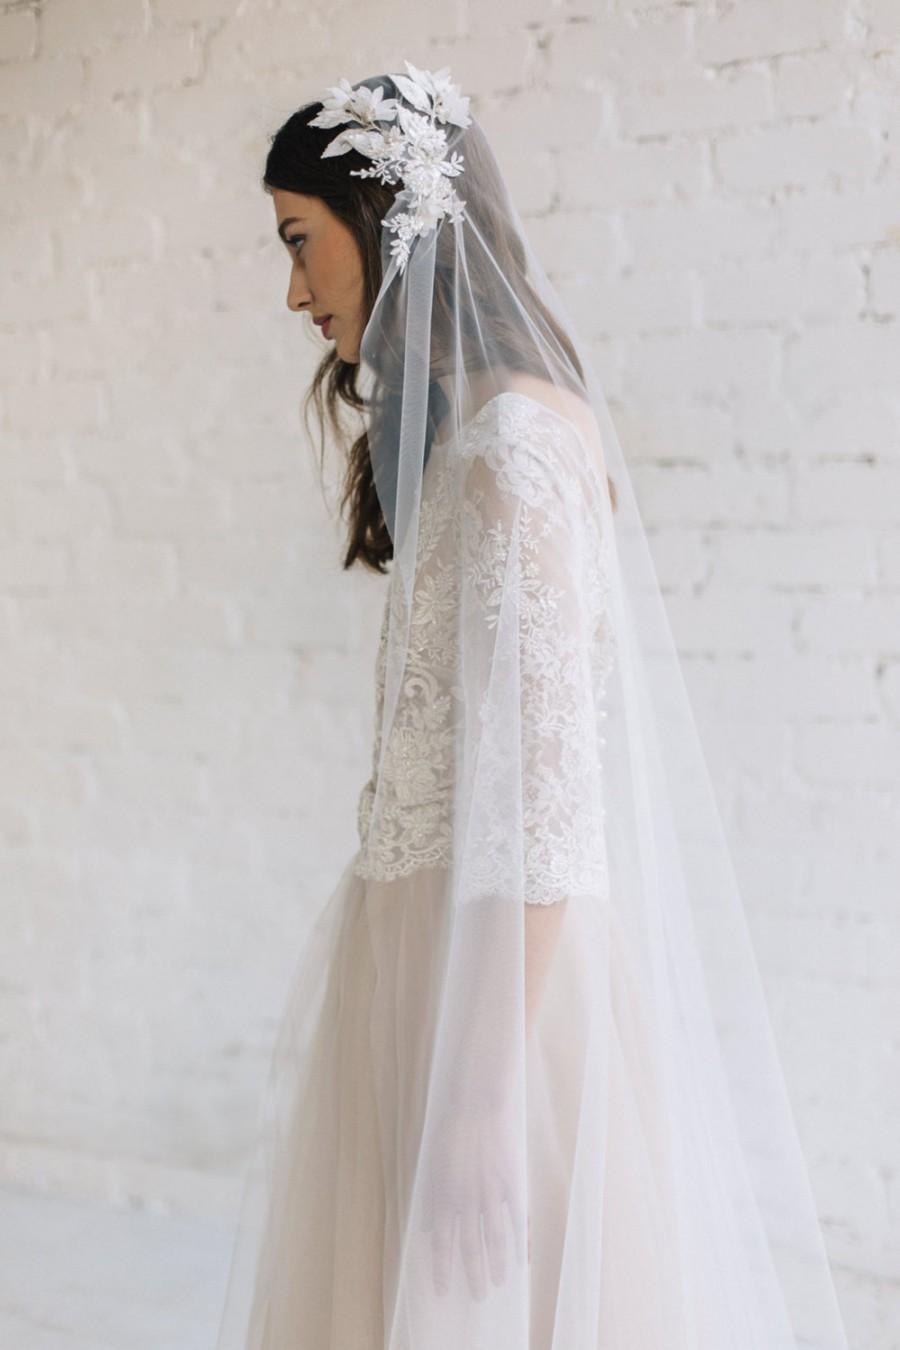 Mariage - Bridal Veil, Juliet Cap Veil ,Lace Wedding Veil, Chapel Cathedral Veil, Wedding Cap Veil, Ivory Veil, Bohemian Veil, 3D Floral Veil - Grace